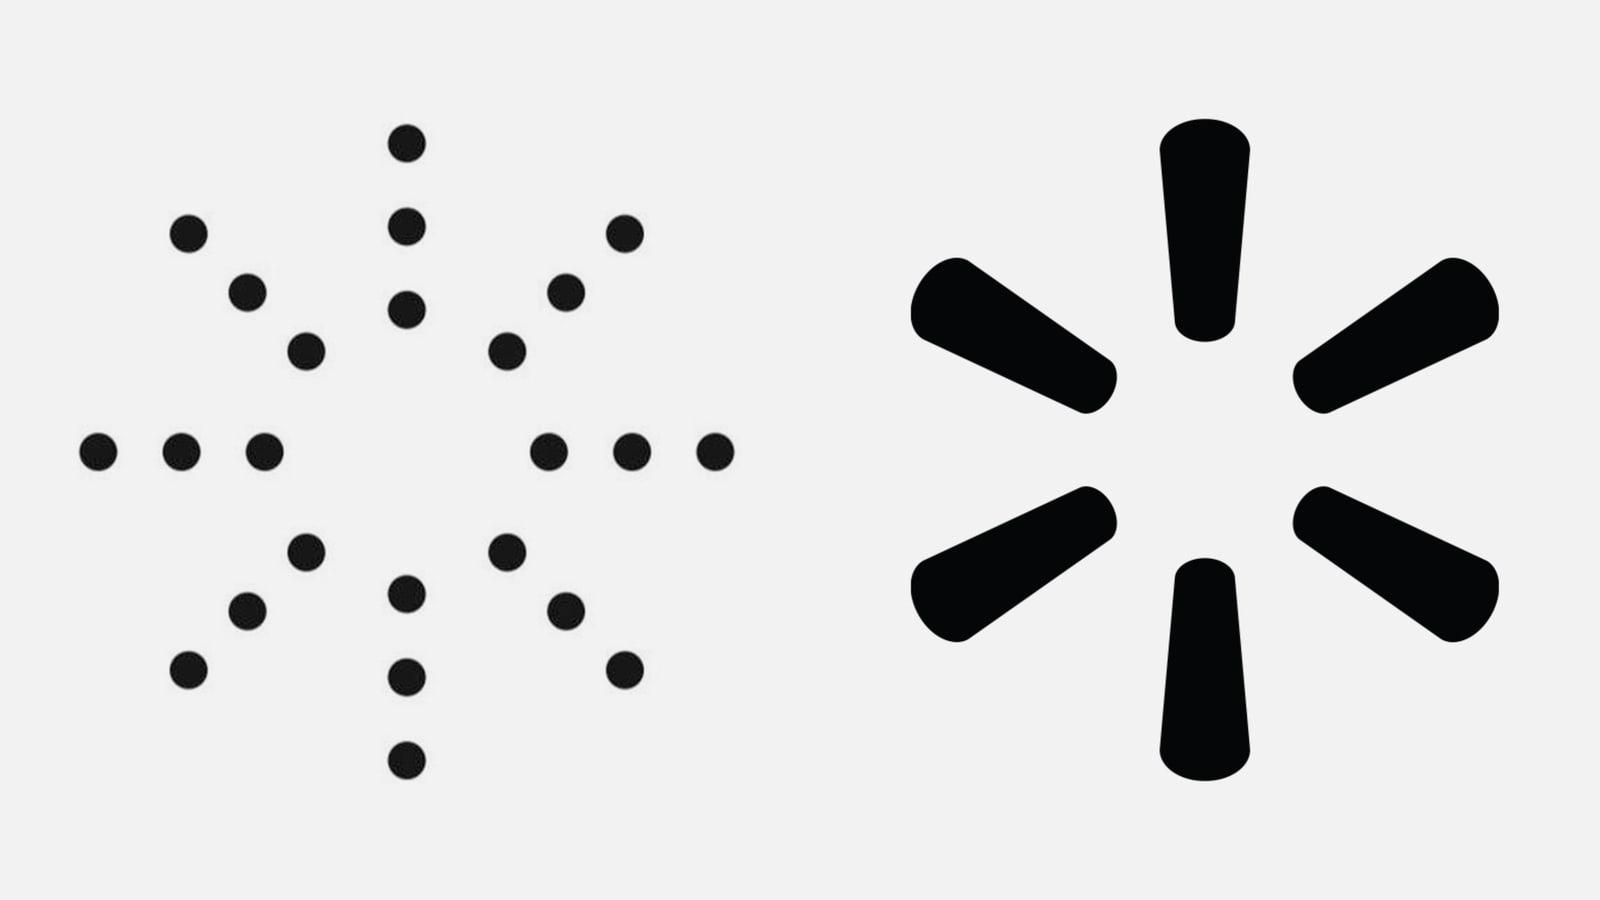 """صورة لشعار """"ييزي"""" على اليسار وشعار """"وولمارت"""" على اليمين"""